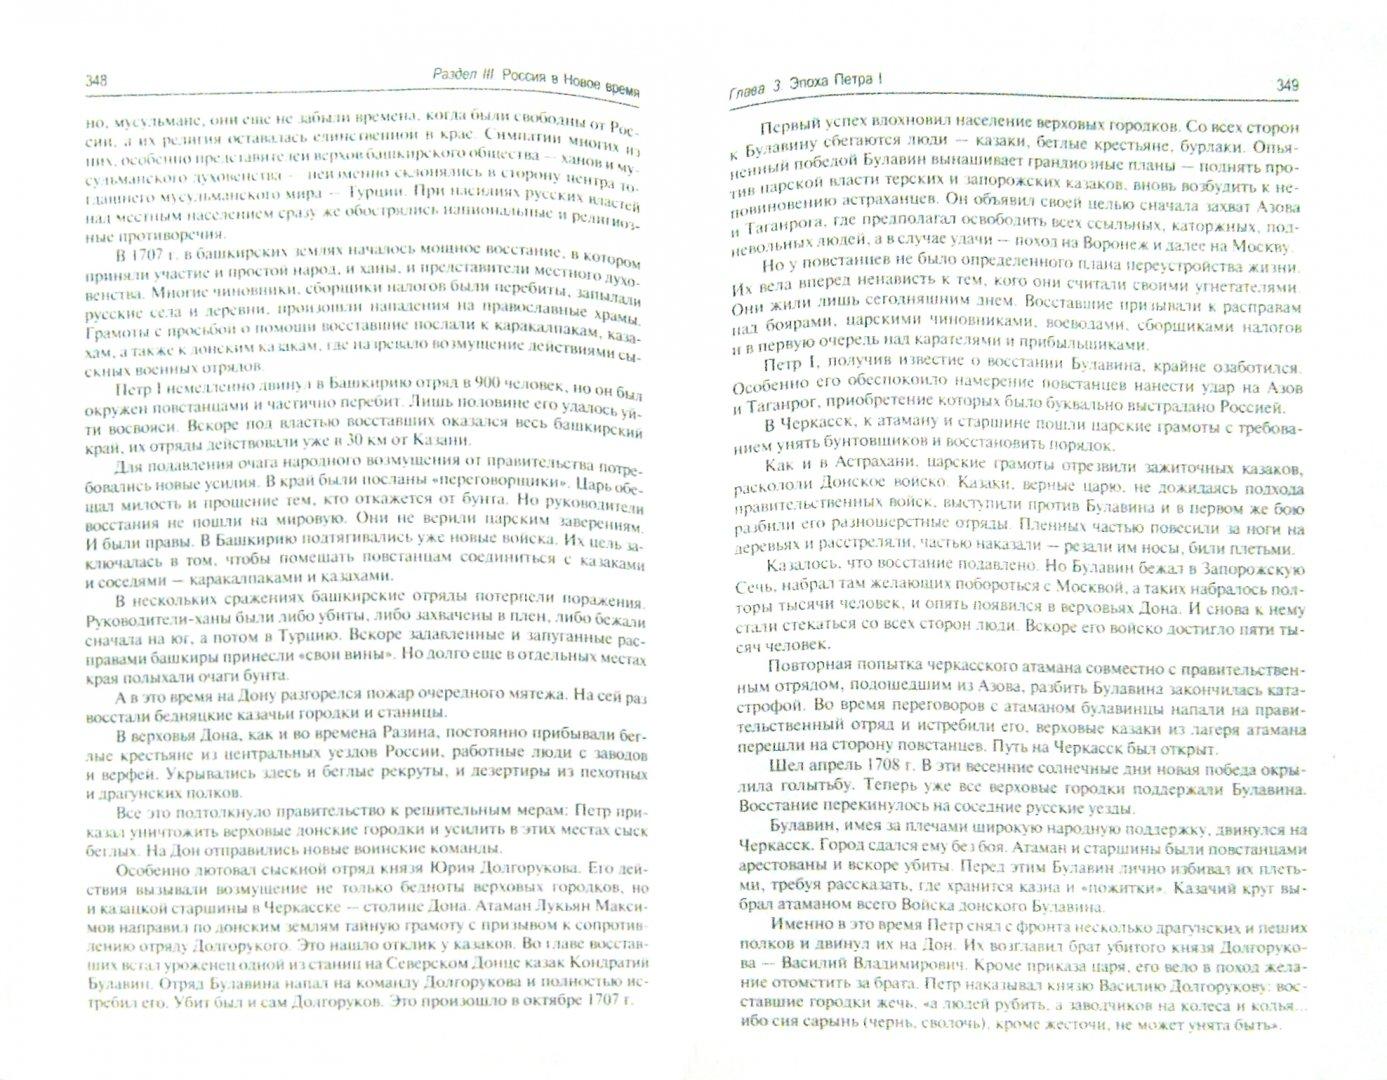 Иллюстрация 1 из 28 для История России с древнейших времен до наших дней. Учебник - Сахаров, Боханов, Шестаков | Лабиринт - книги. Источник: Лабиринт